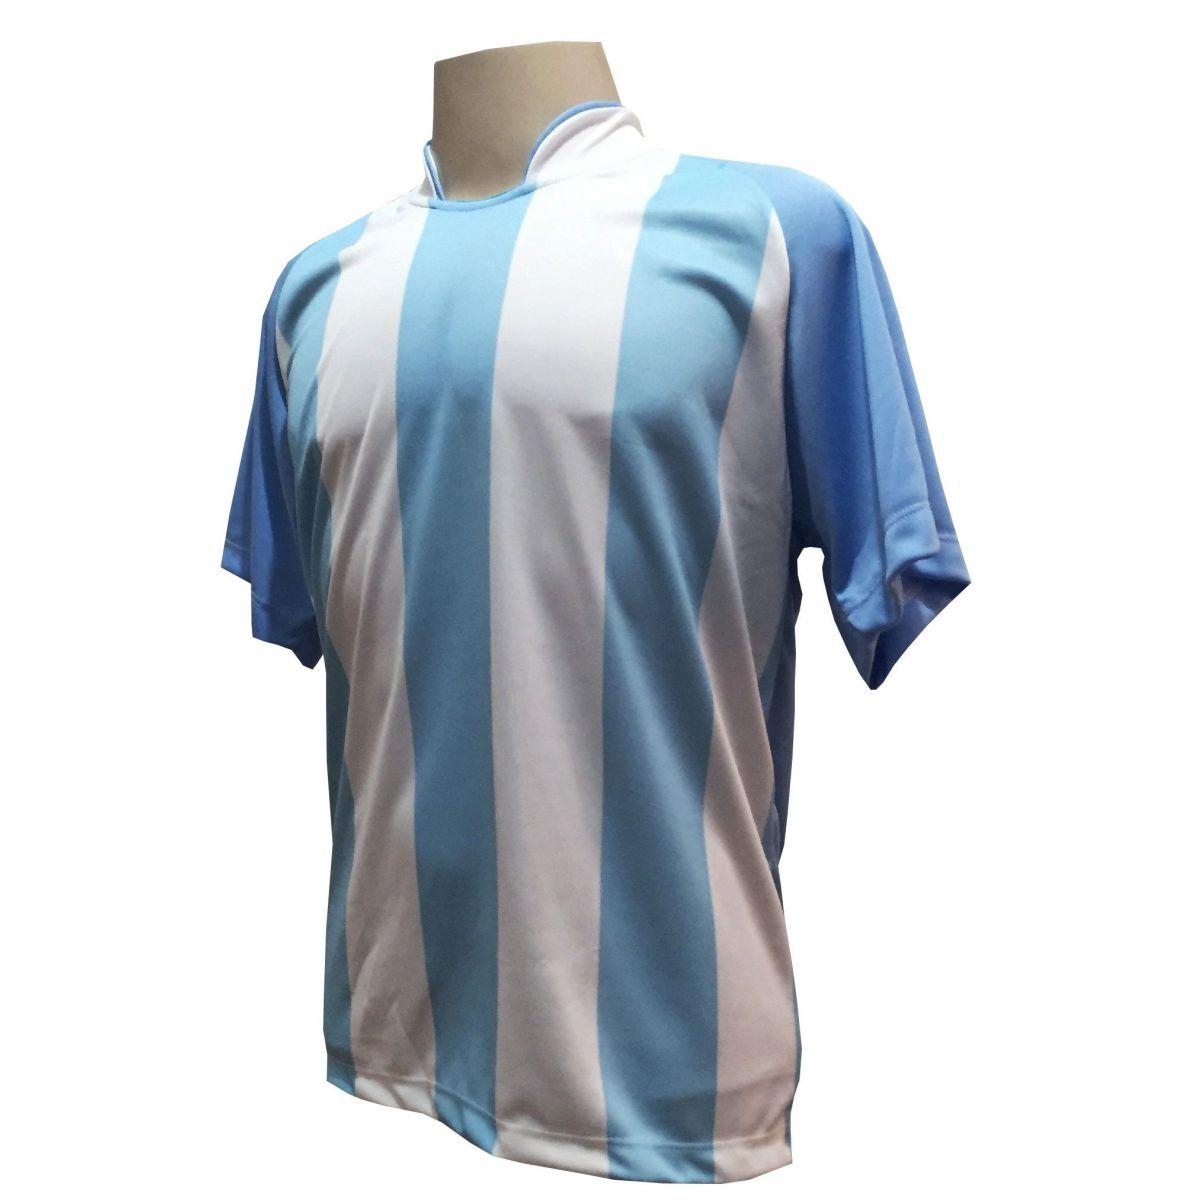 Jogo de Camisa com 12 unidades modelo Milan Celeste/Branco  - ESTAÇÃO DO ESPORTE